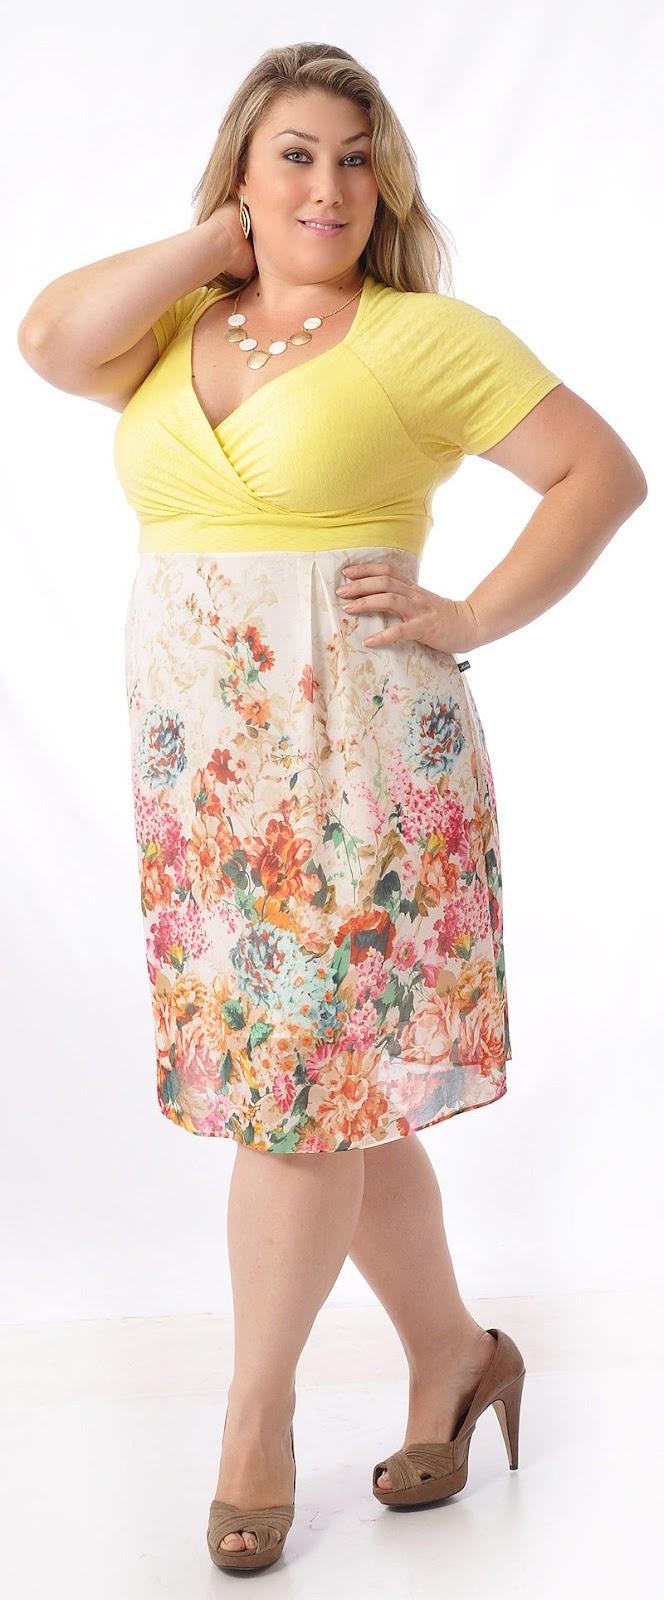 860d0c86b4d0 Vestido Plus Size Estampas nas tendências de moda fashion para mulheres  tamanhos grandes, temos vários modelos de vestido, longo, curto, floral, ...